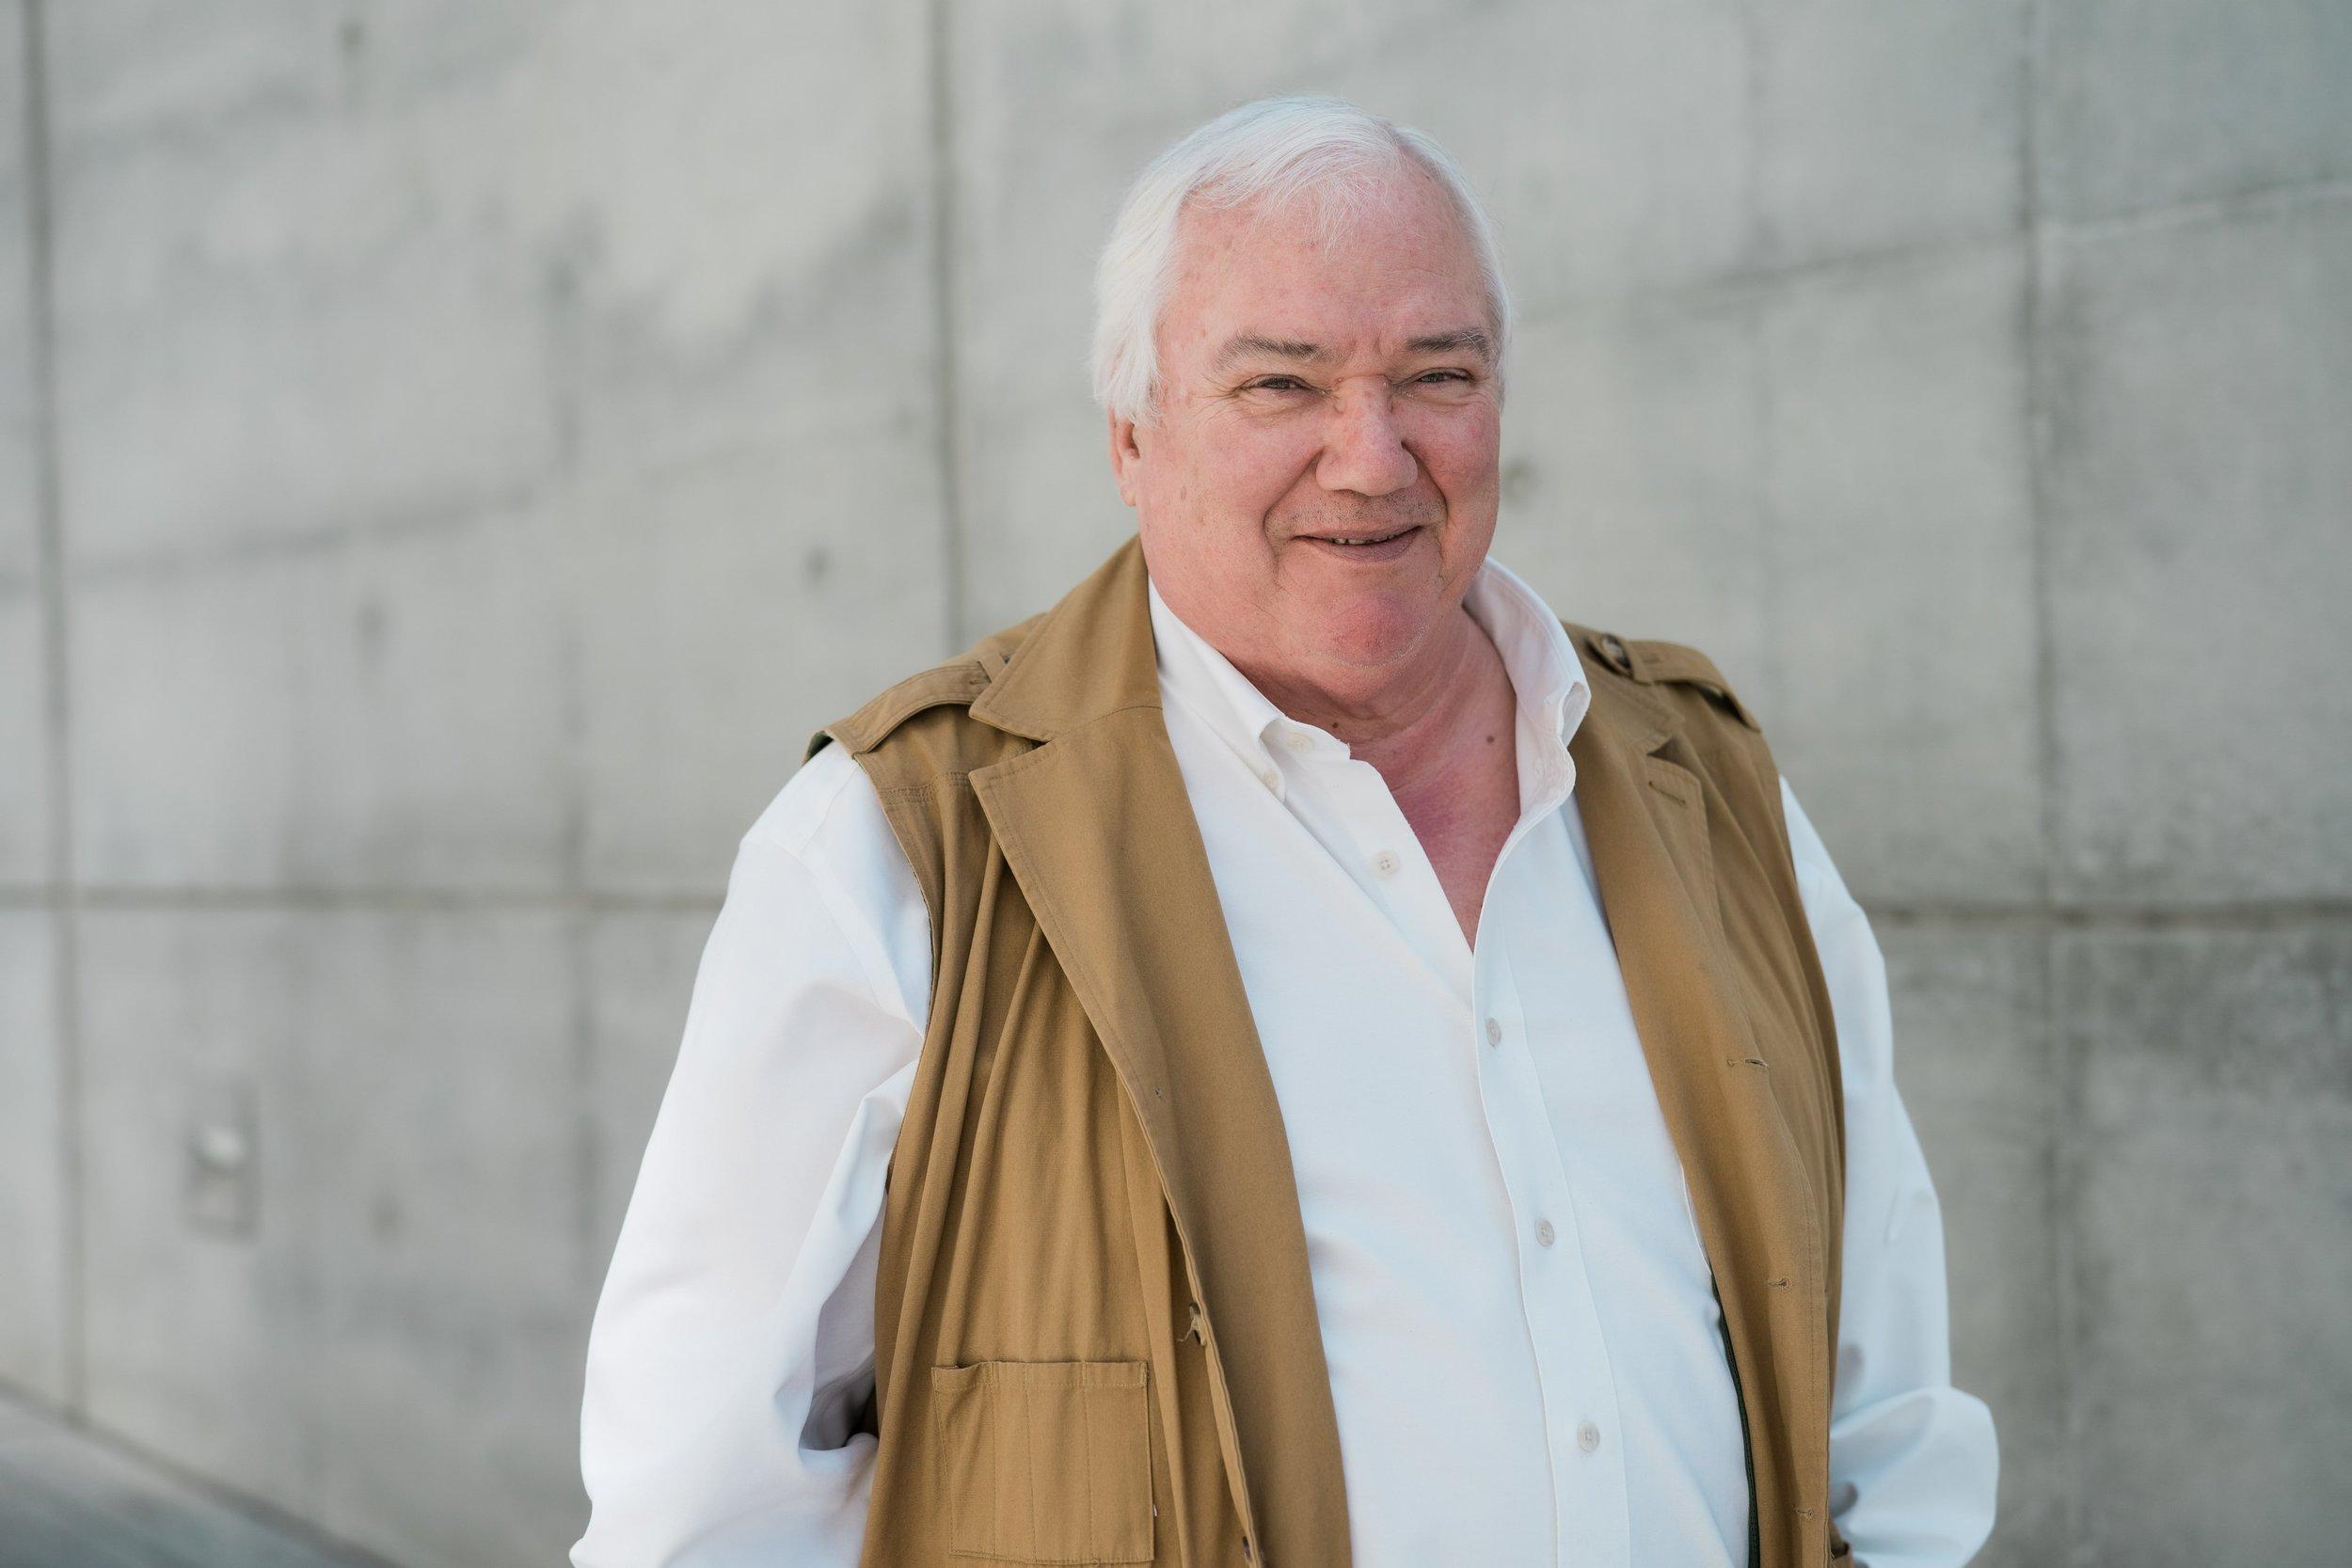 Louis M. Meunier, KM<br><em>Former Executive Vice President, Macy's</em>